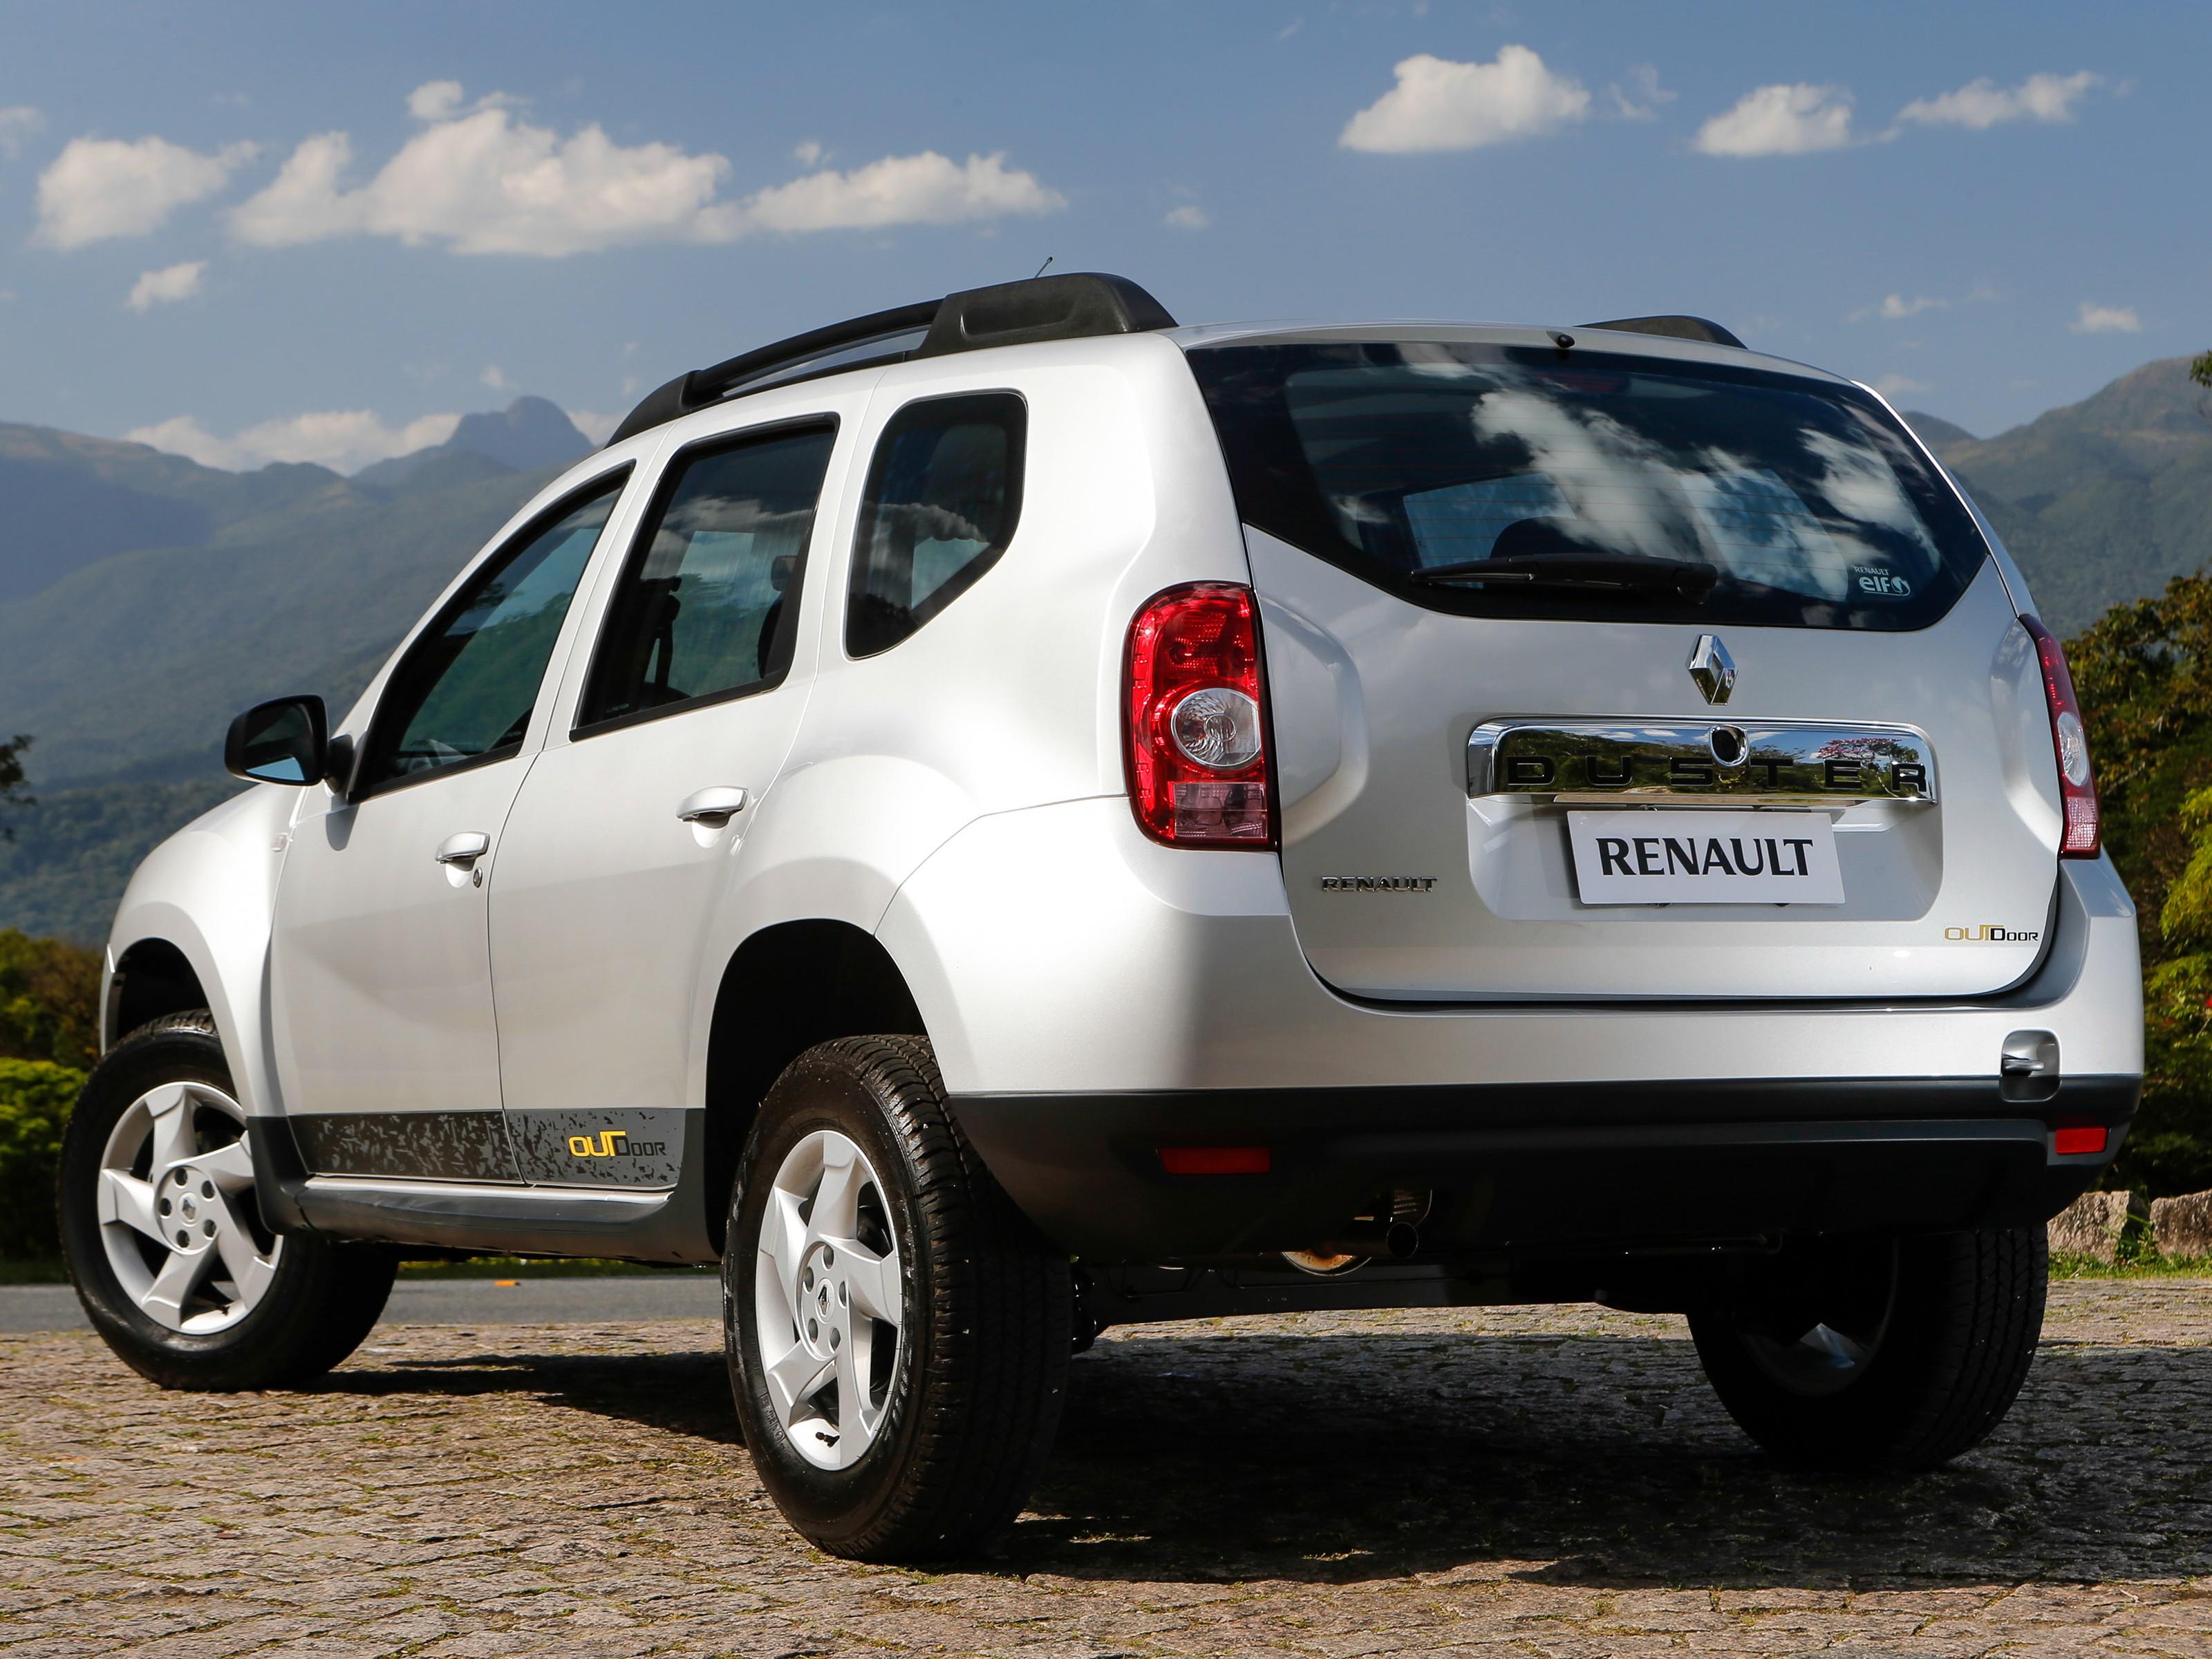 2014 Renault Duster Outdoor Brazil